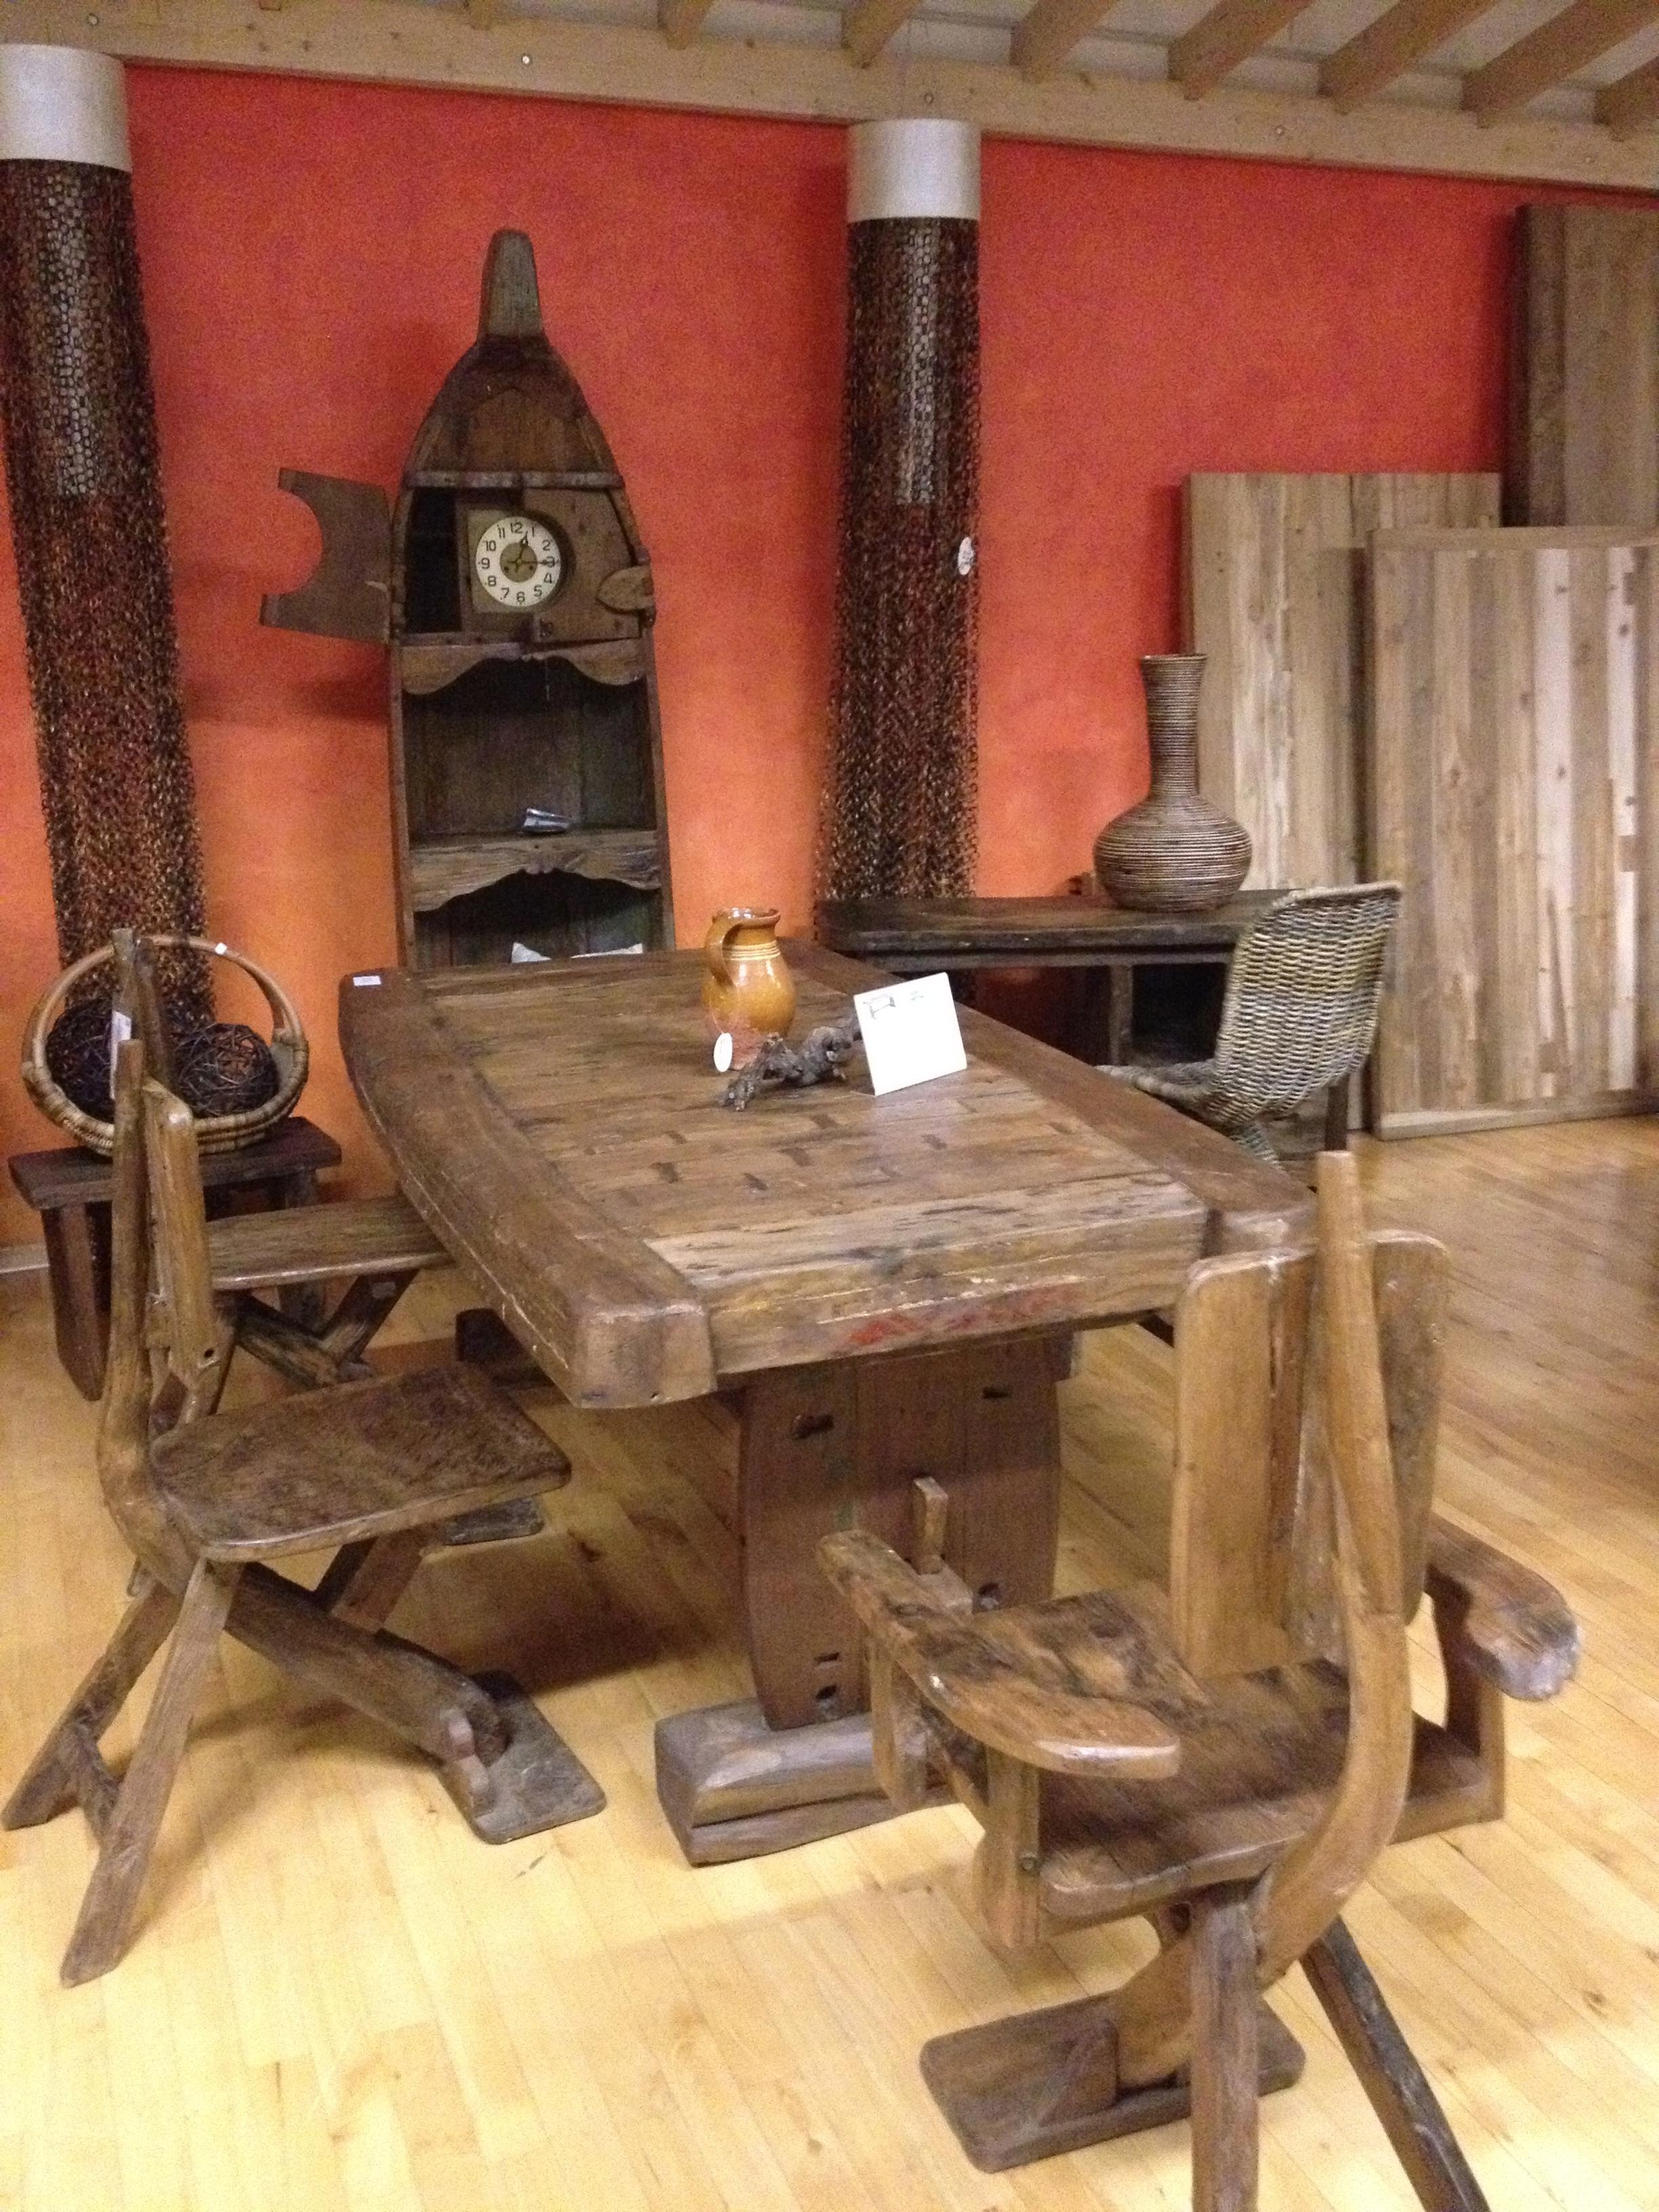 schrank und stuhl stuhl teppich fenster lampe herrlich schrank b roschr nke with schrank und. Black Bedroom Furniture Sets. Home Design Ideas